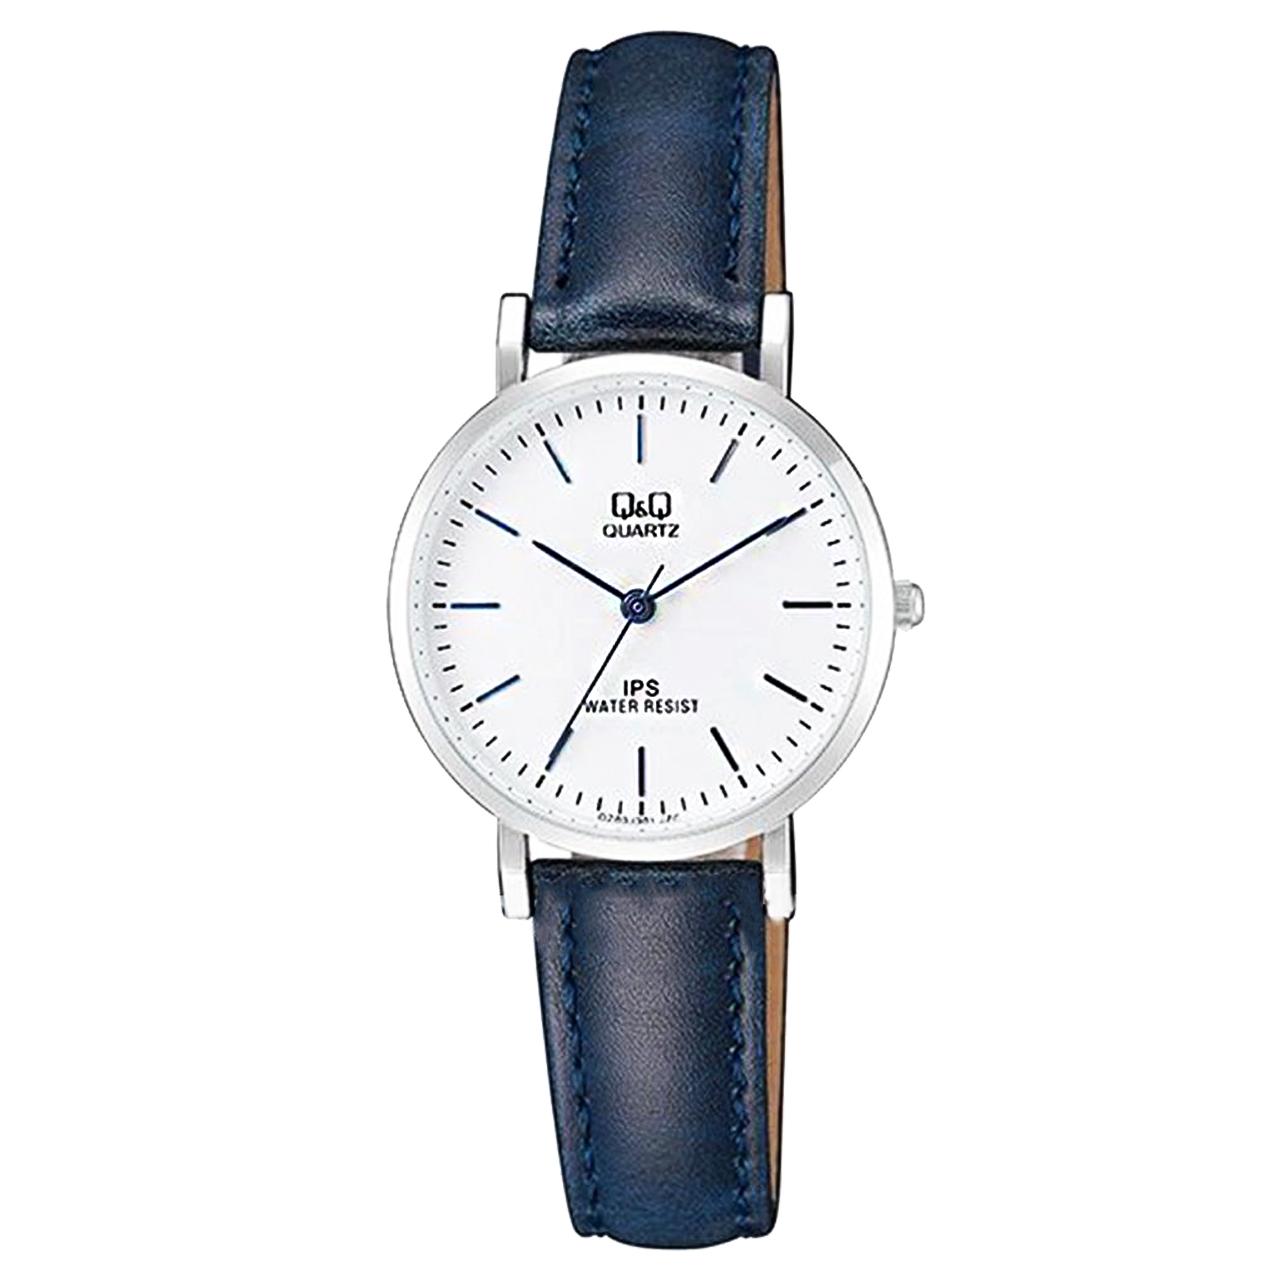 ساعت زنانه برند کیو اند کیو مدل qz03j301y به همراه دستمال مخصوص برند کلین واچ